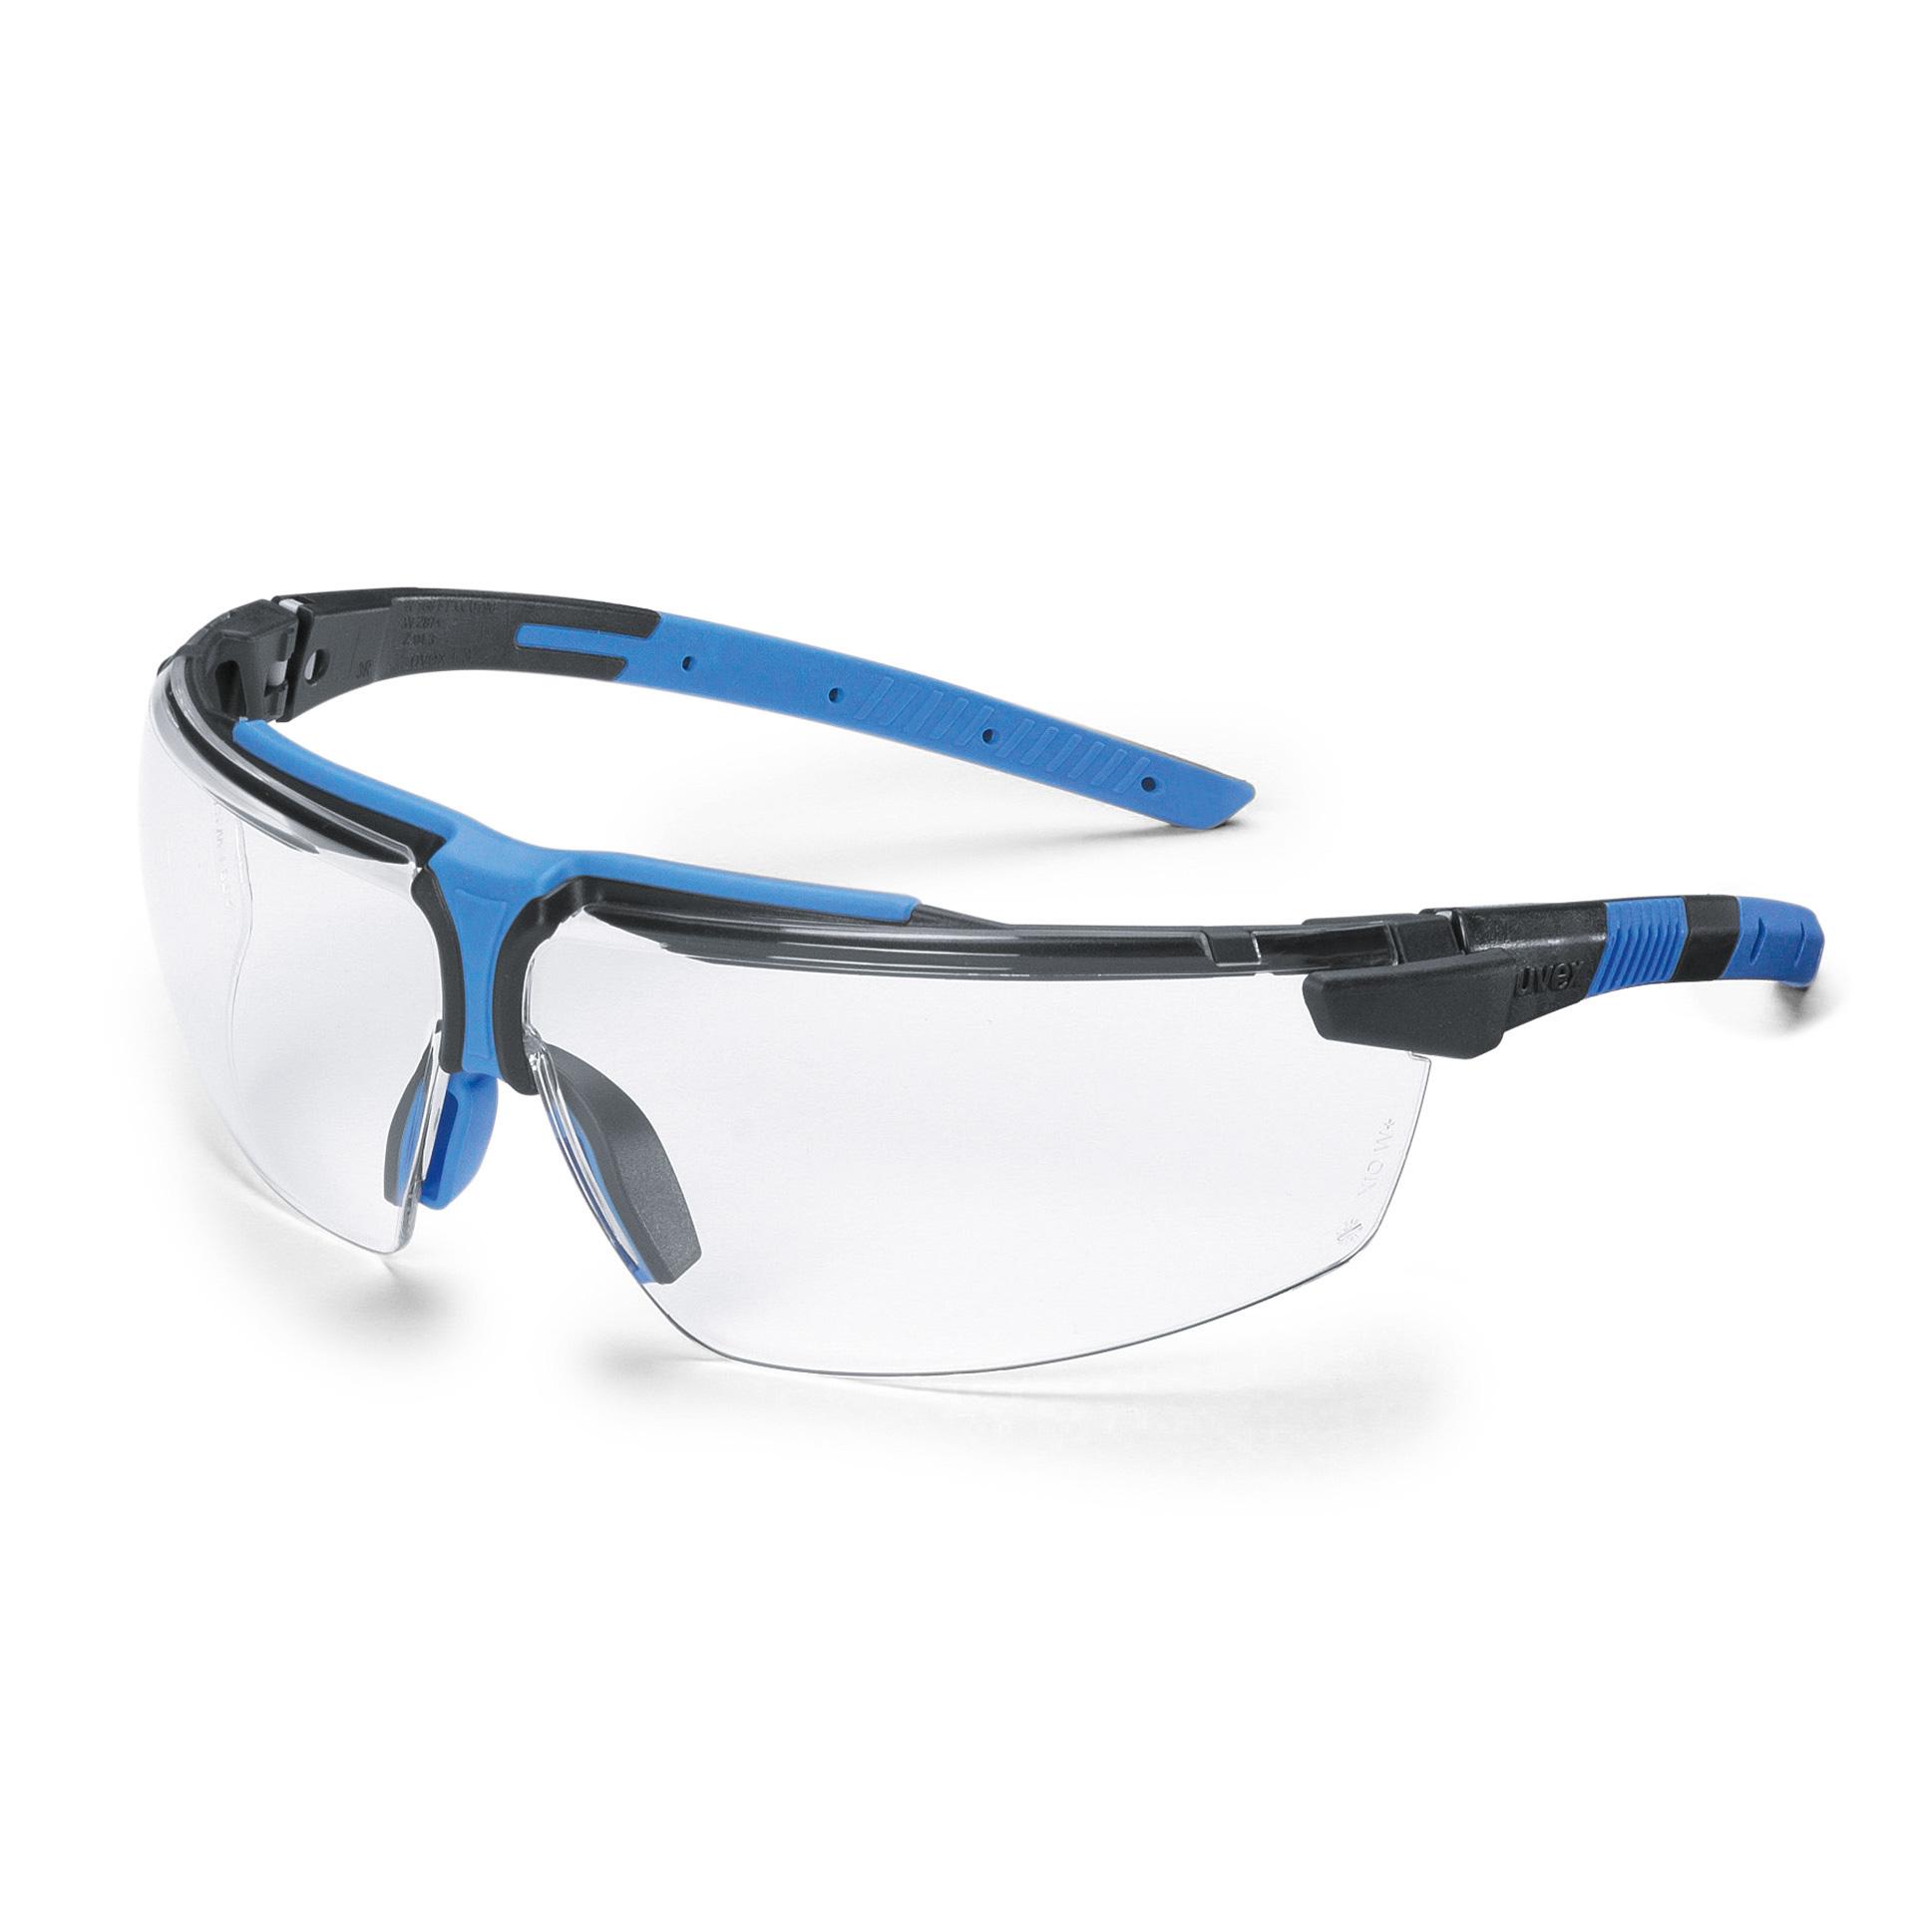 520bb4aff18c uvex i-3 AR spectacles